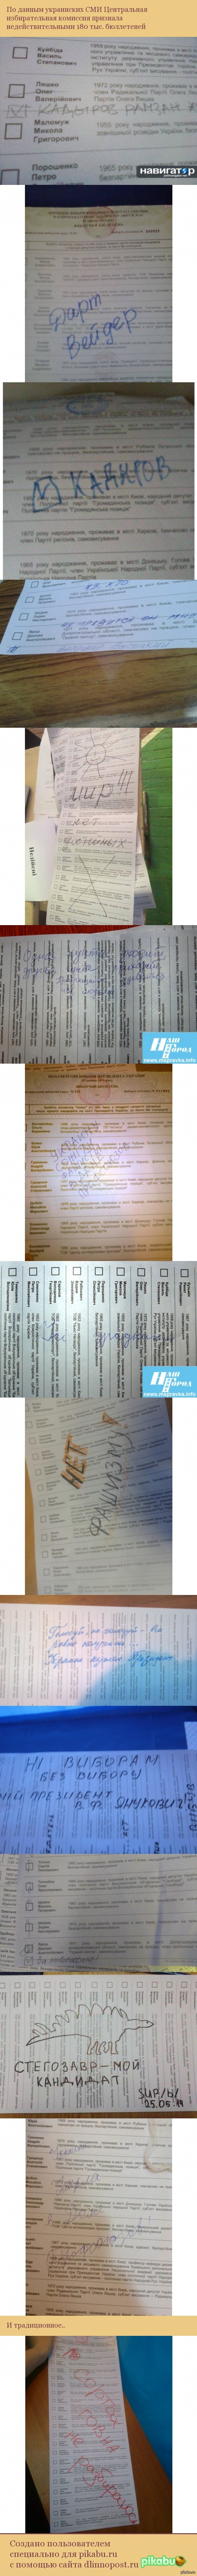 Порча бюллетеней на выборах в Украине Центральная избирательная комиссия сообщает, что 1,38 процента или 178 тис. 935 бюллетеней - недействительны